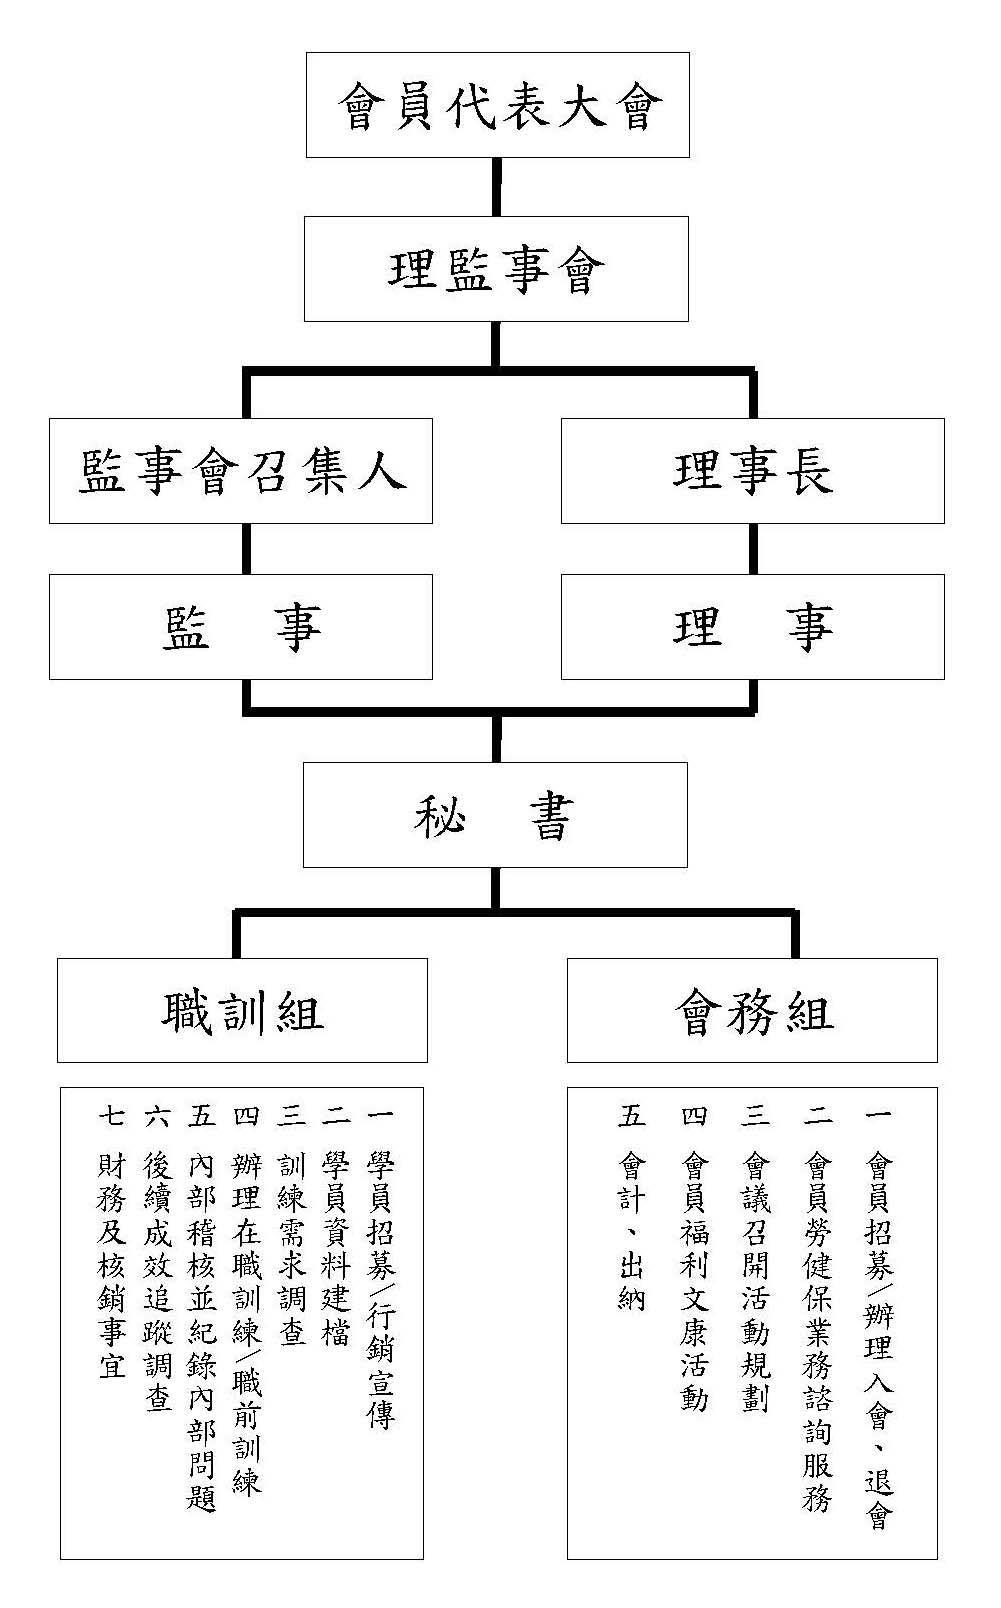 107-02工會組織圖